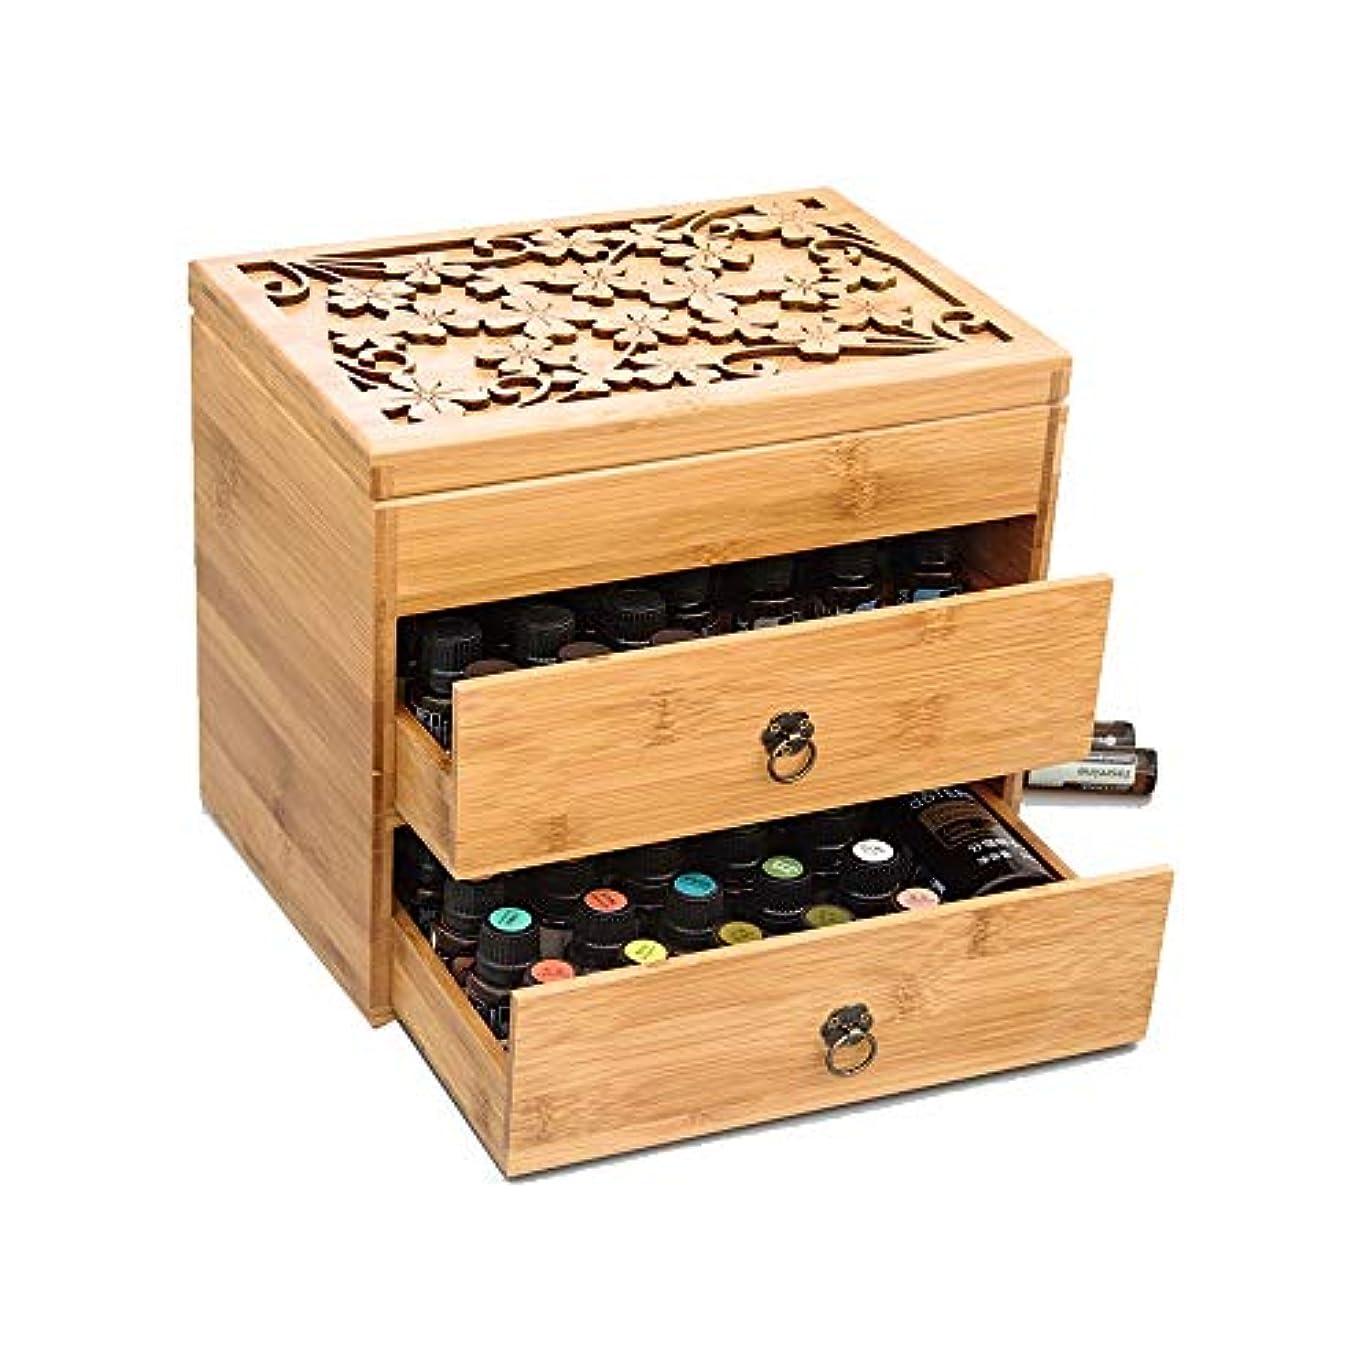 酔う実際にエレベーターエッセンシャルオイルストレージボックス 3ティアエッセンシャルオイルボックスケースは、エレガントな装飾的なデザインでは5、10&15ミリリットルボトル木製収納を保護します 旅行およびプレゼンテーション用 (色 : Natural...